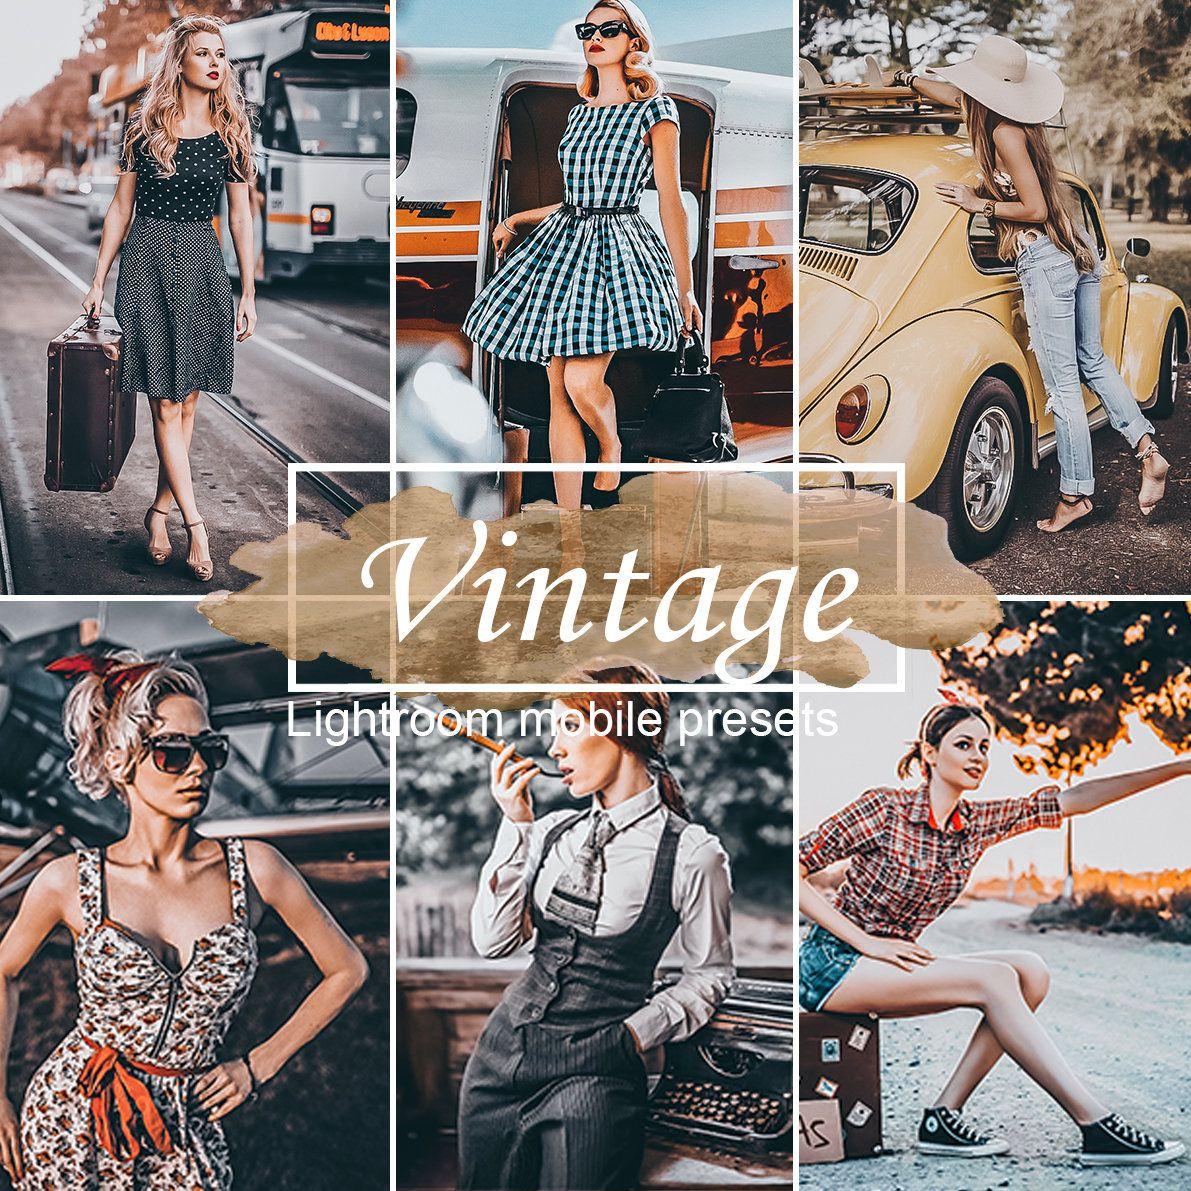 4 Mobile Lightroom Presets Instagram Presets For Retro Photo Blogger Presets Vintage Preset Dng In 2020 Lightroom Presets Lightroom Retro Photo